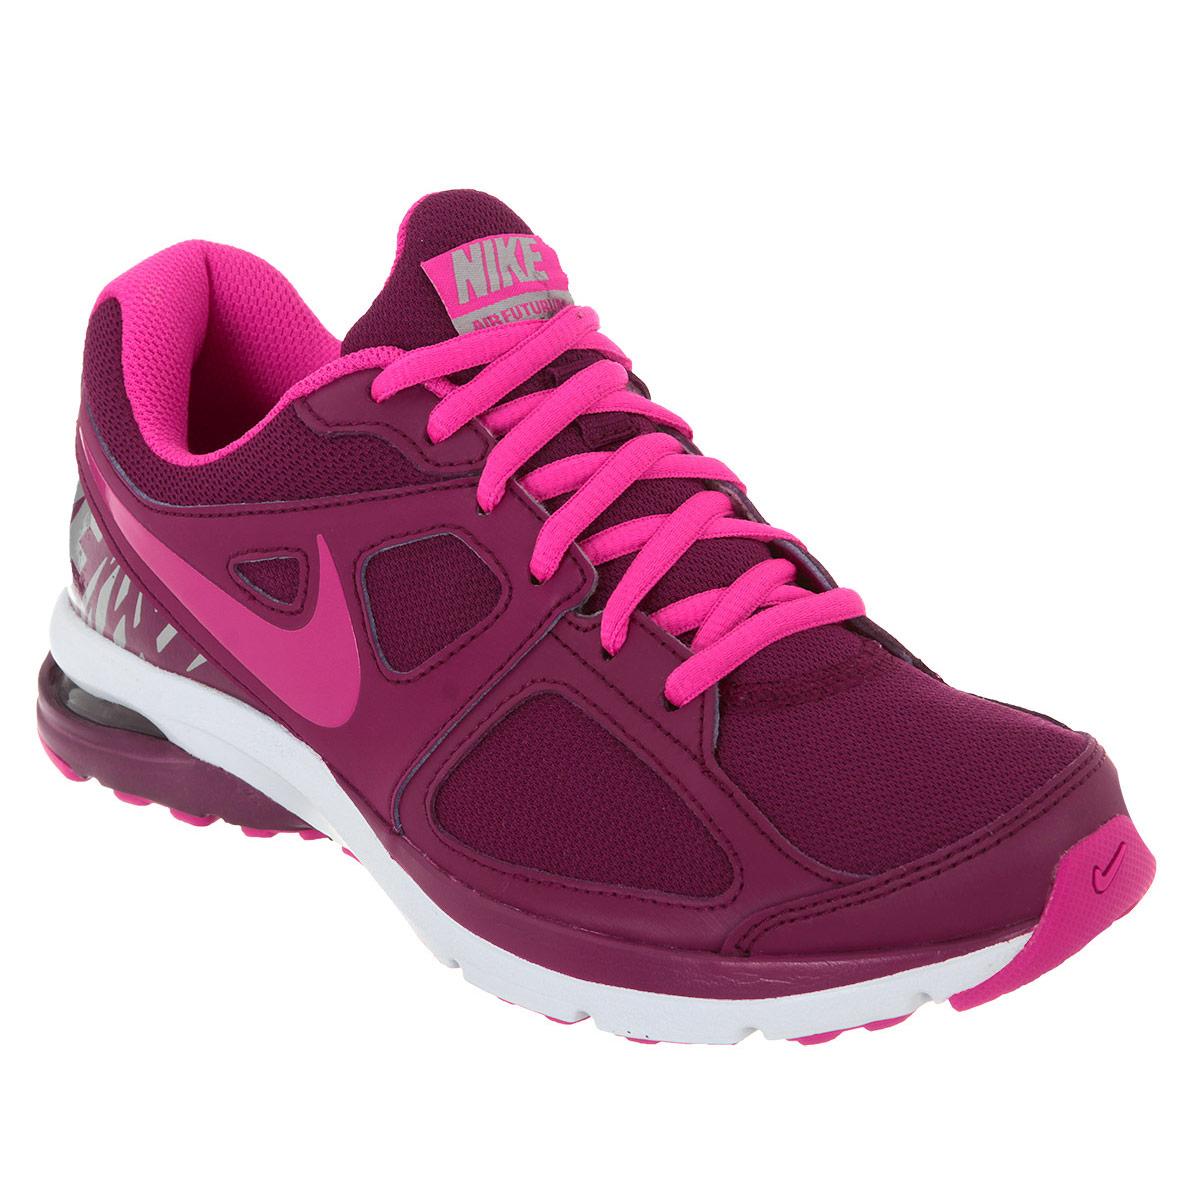 Zapatillas Nike Air Futurun para Mujer - Derecha diagonal